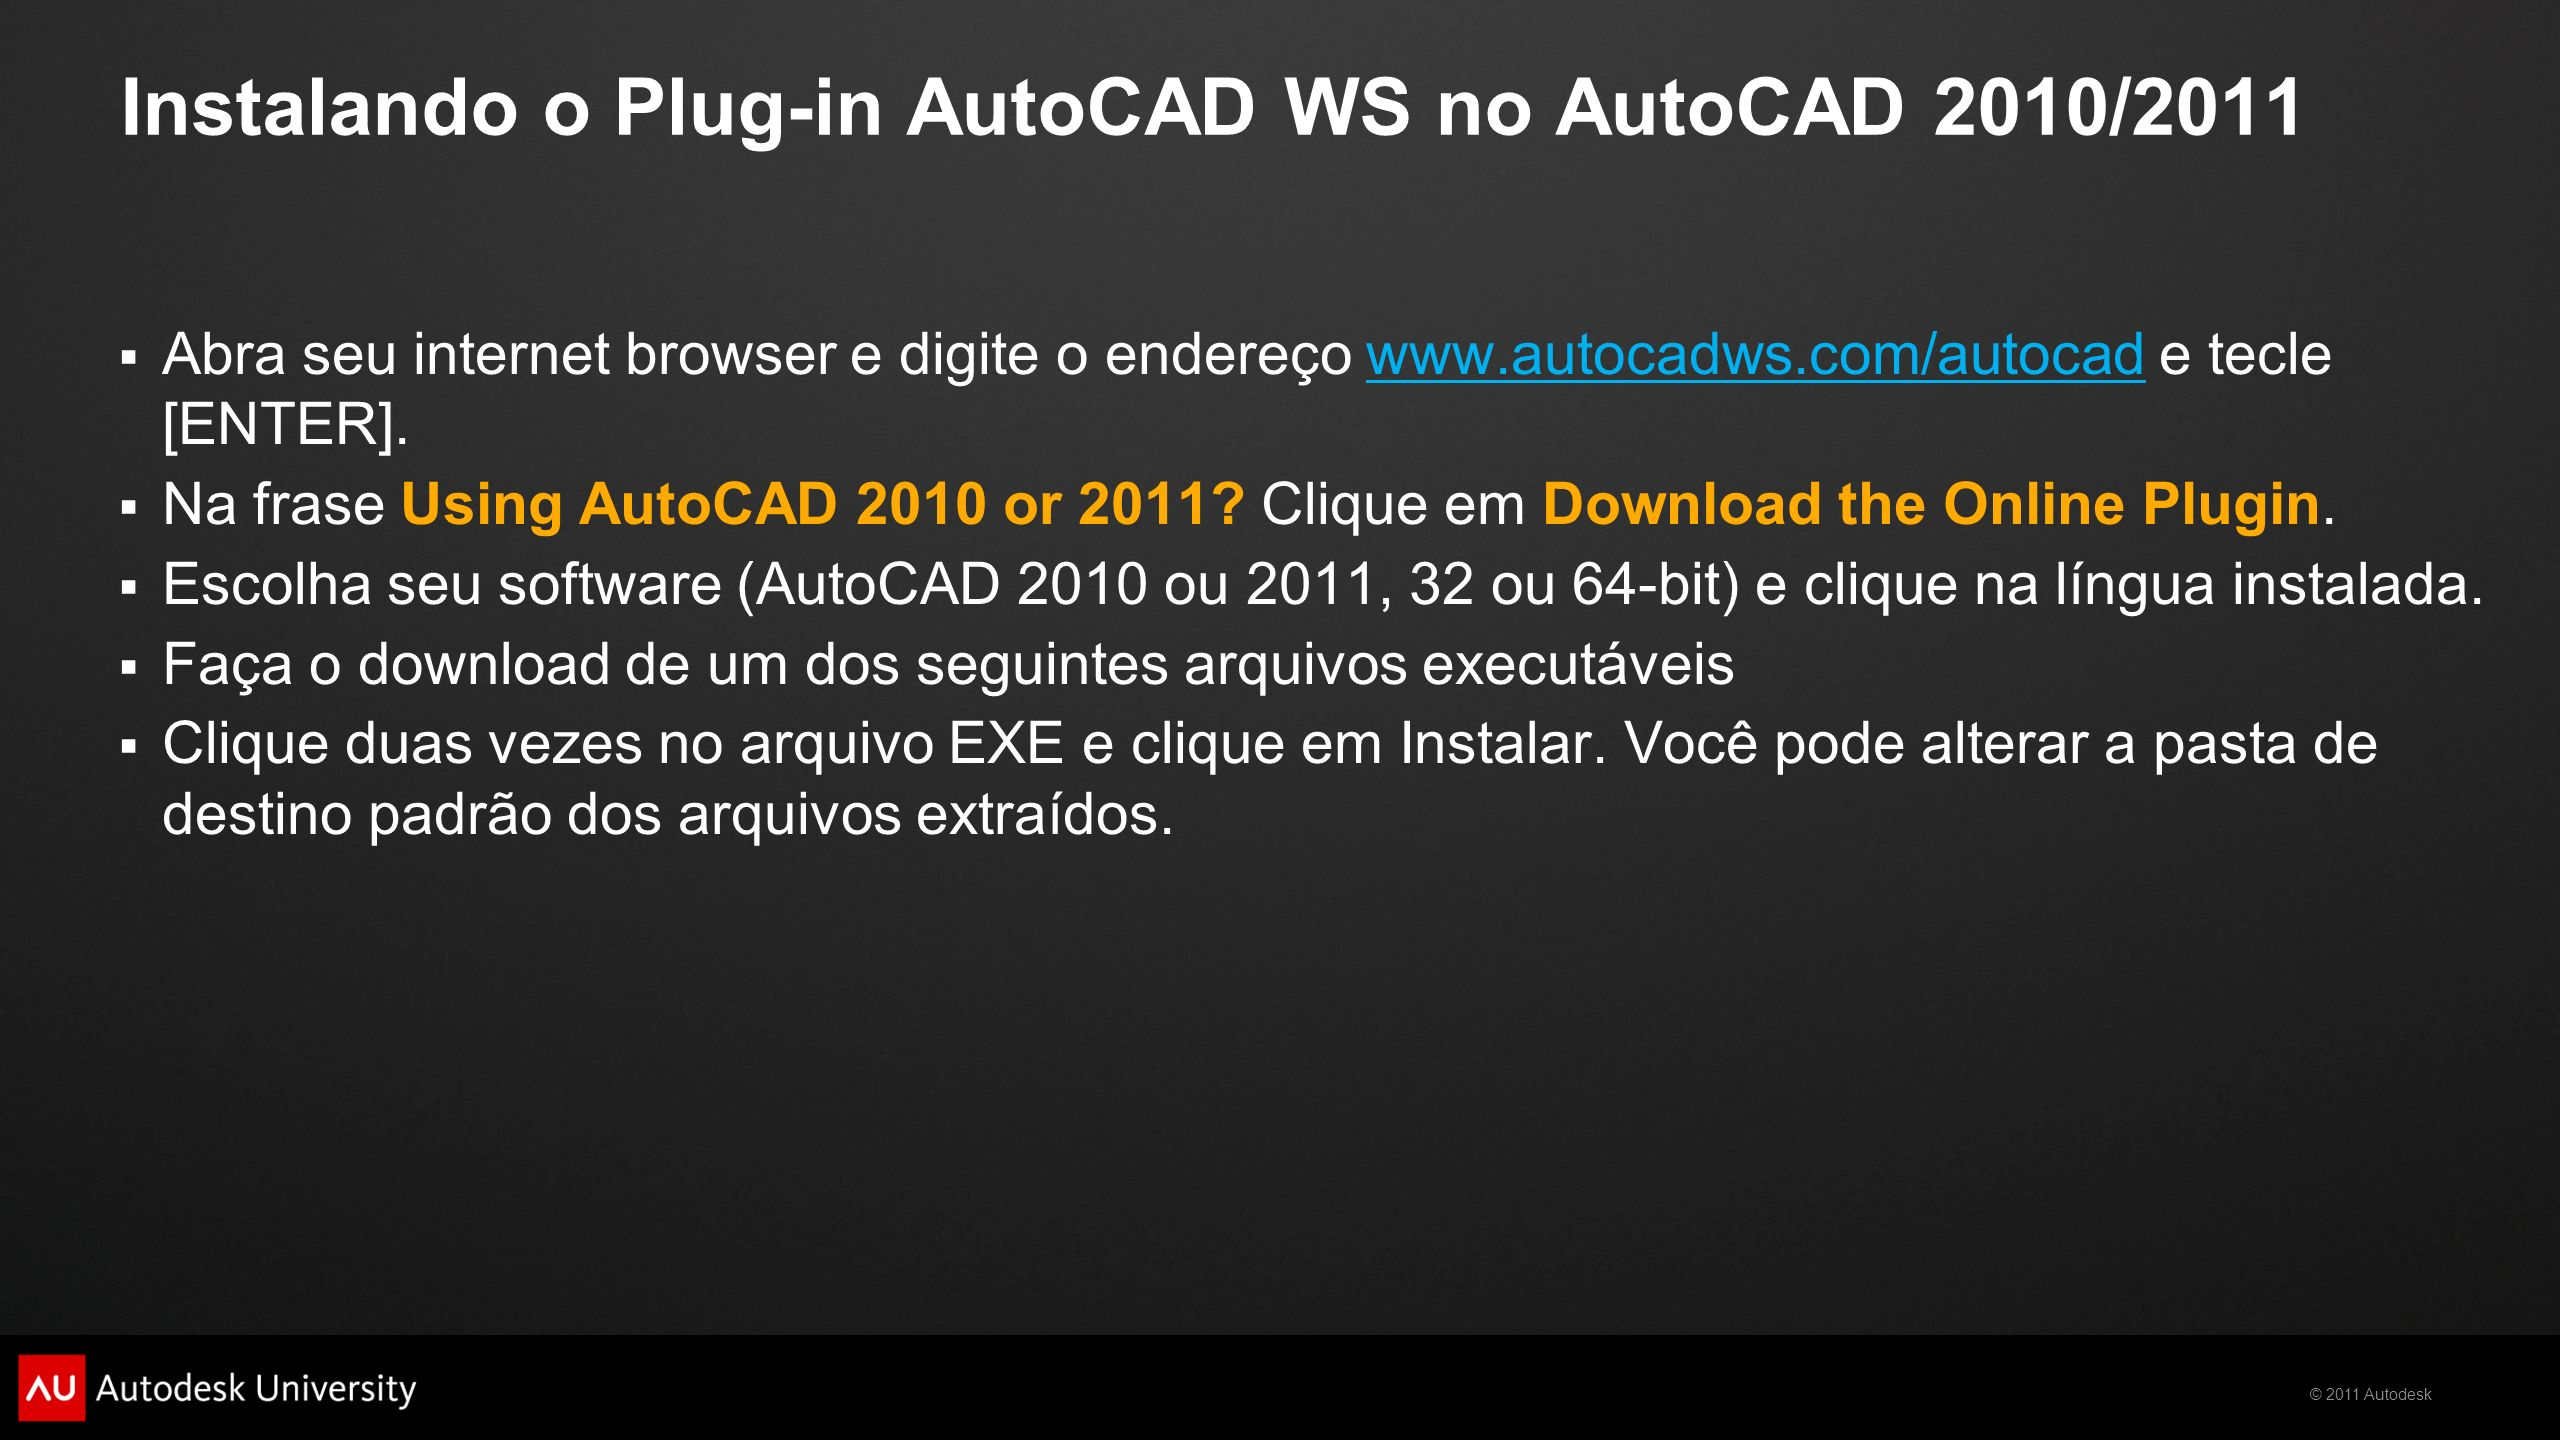 © 2011 Autodesk Instalando o Plug-in AutoCAD WS no AutoCAD 2010/2011 Abra seu internet browser e digite o endereço www.autocadws.com/autocad e tecle [